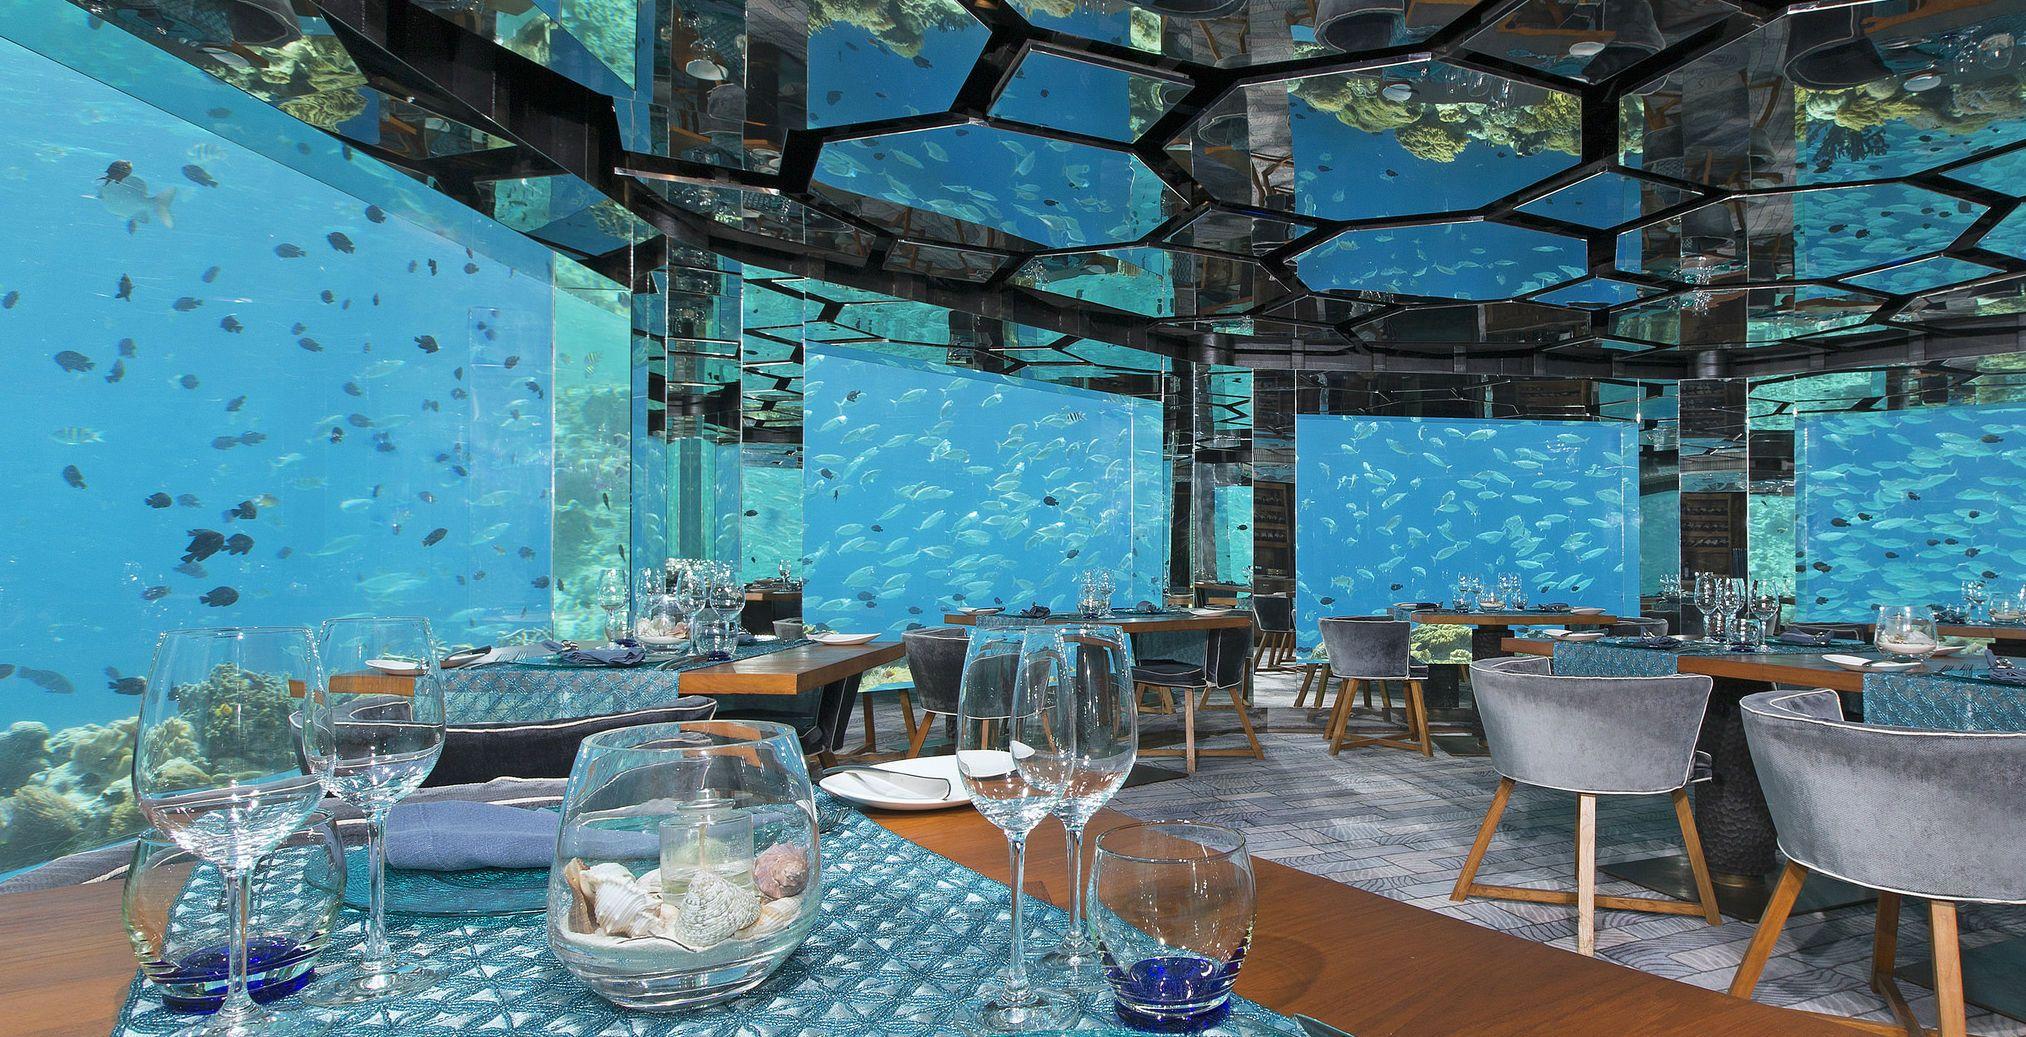 Готель, Мальдіви, Індійський океан, пляж_3